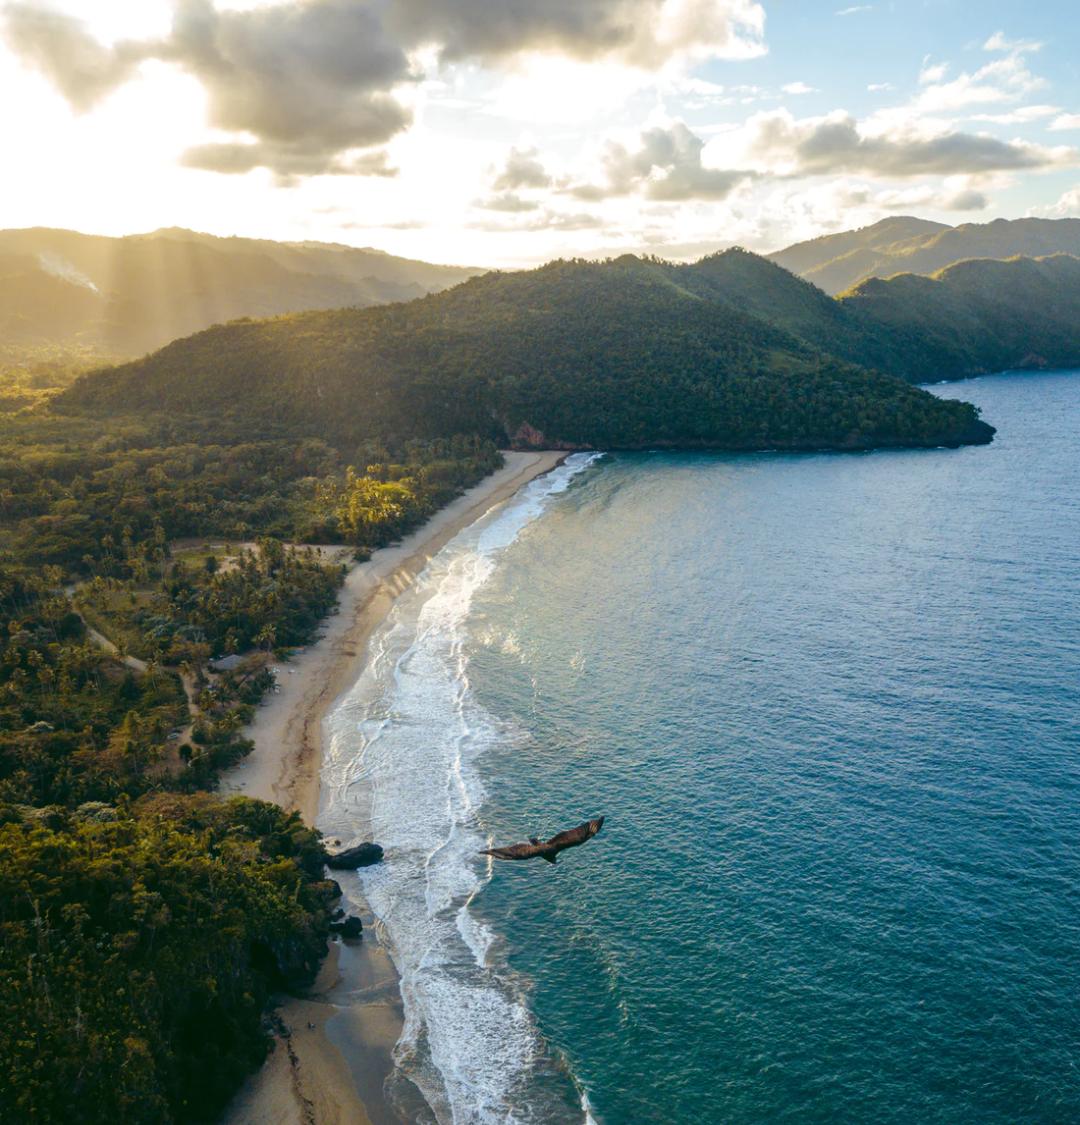 Flüge: Punta Cana / Dominikanische Republik ( Sept-Okt ) Nonstop Hin und Rückflug von Brüssel ab 255€